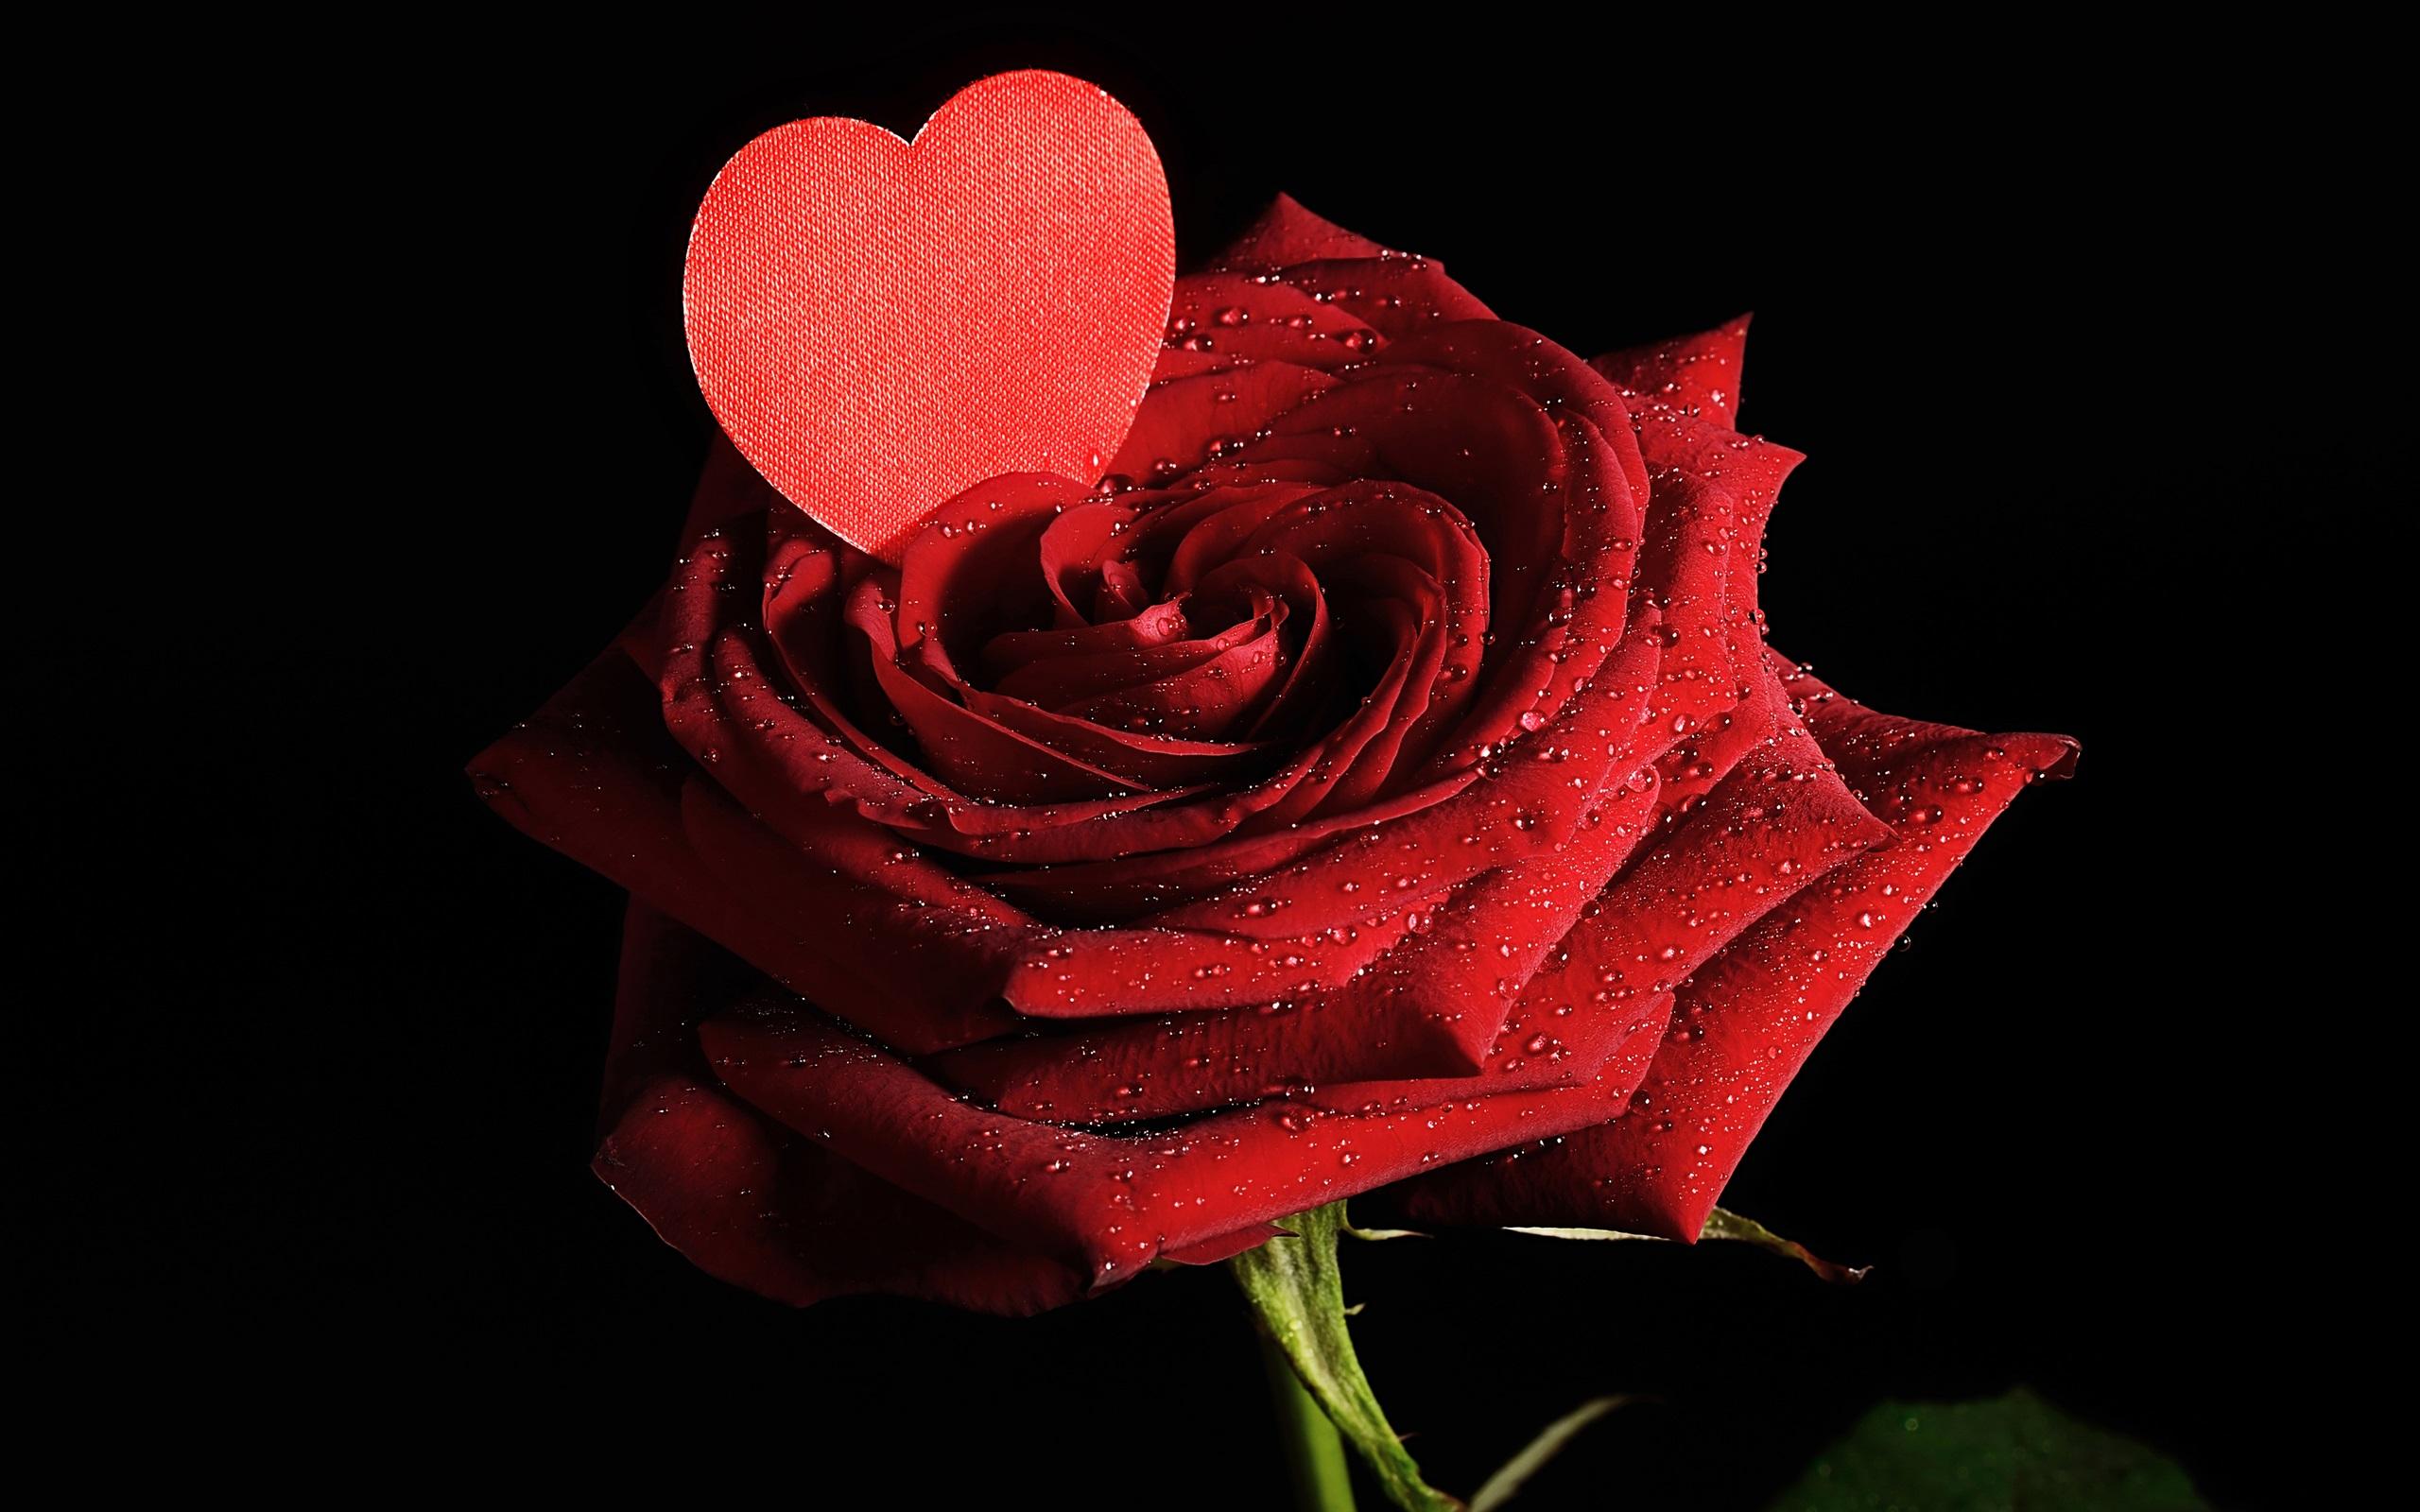 роза сердце капли  № 1395866 без смс